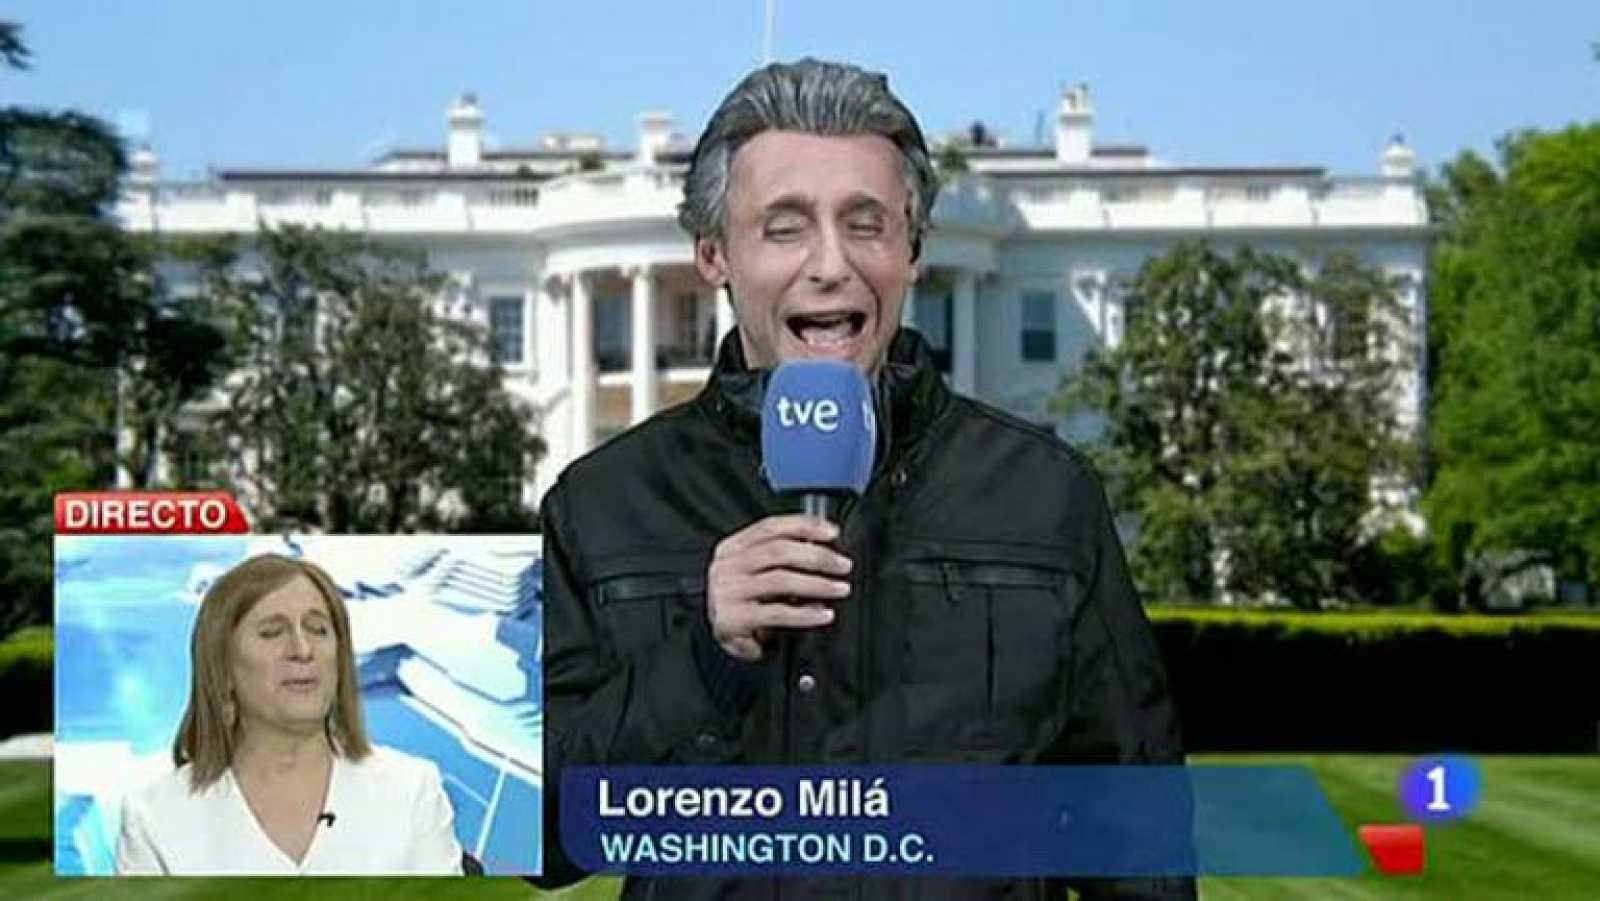 Especial Nochevieja 2012 - Hotel 13 estrellas 12 uvas - Ana Blanco y Lorenzo Milá - ver vídeo